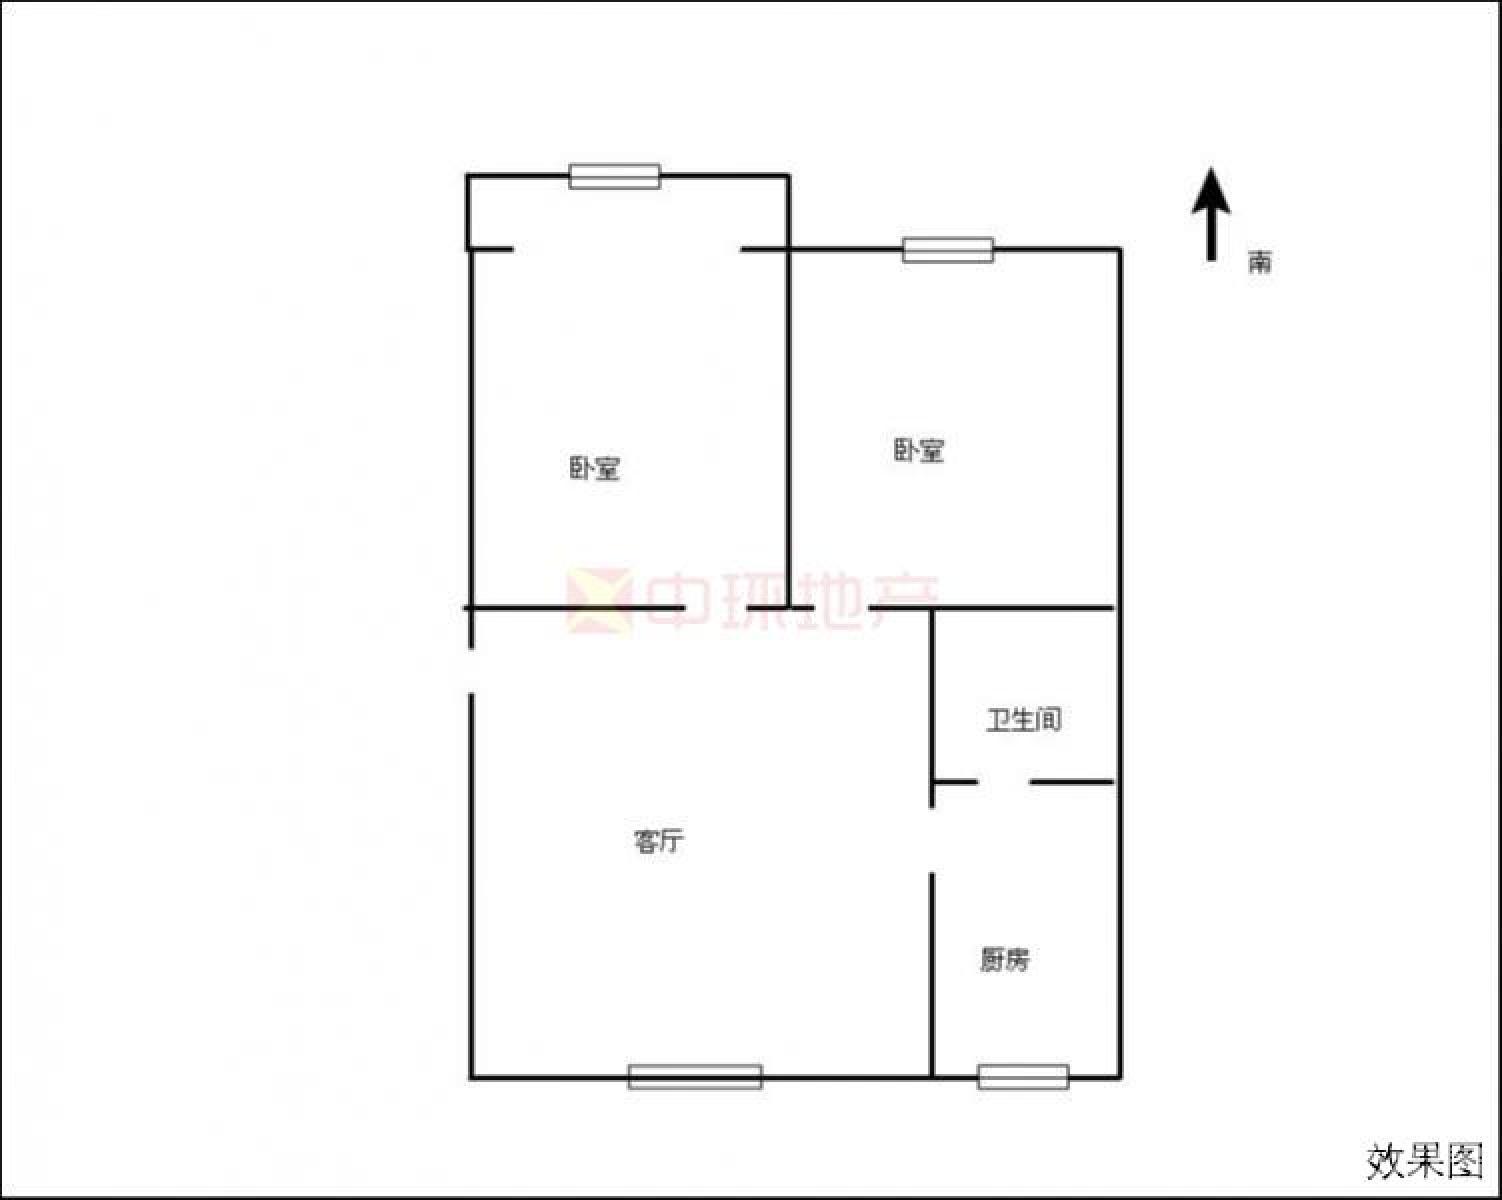 玄武区月苑北苑一村2室1厅户型图